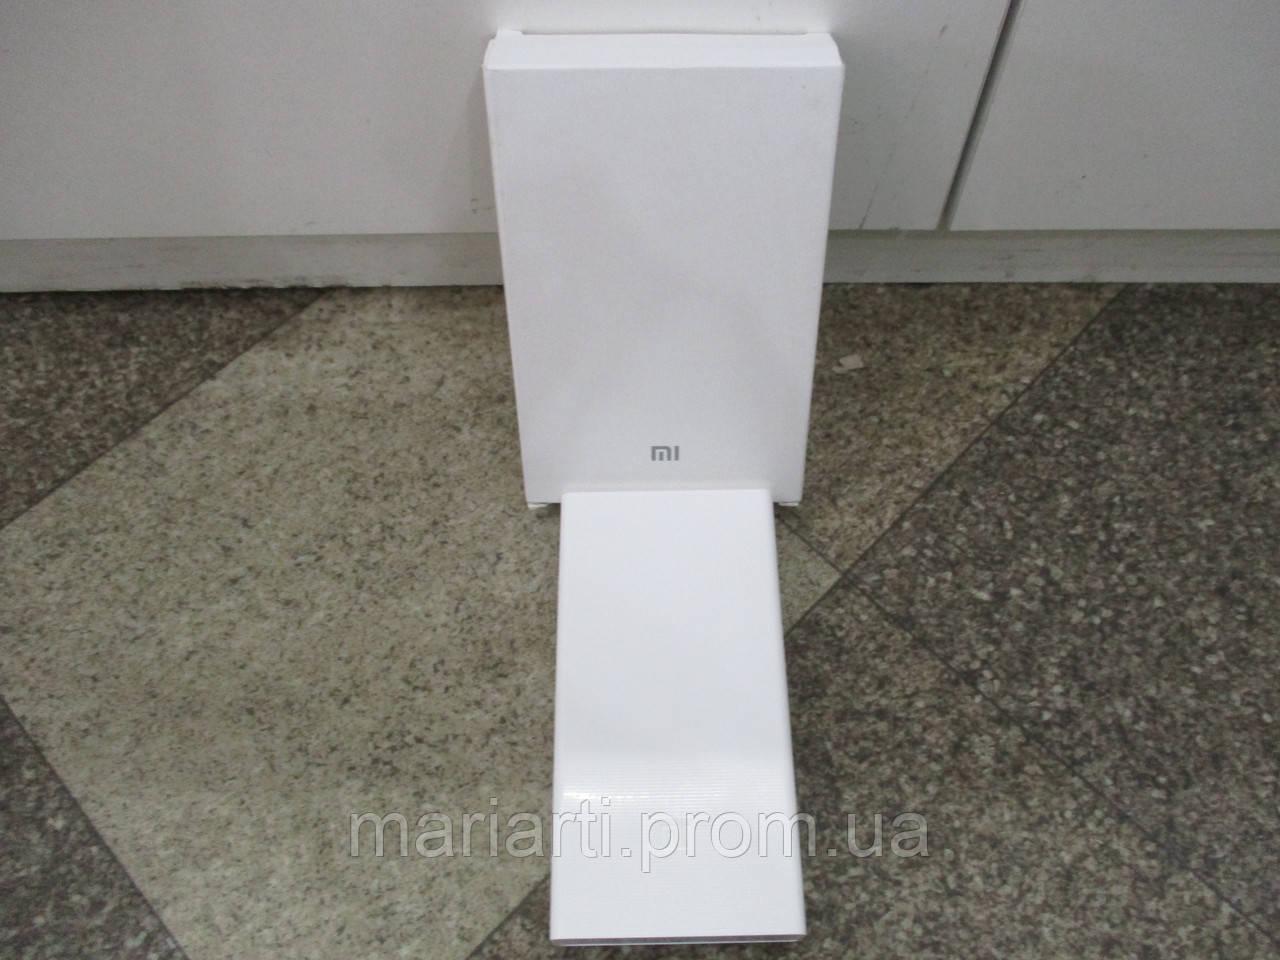 Портативное зарядное устройство Павербанк Powerbank M6 20000